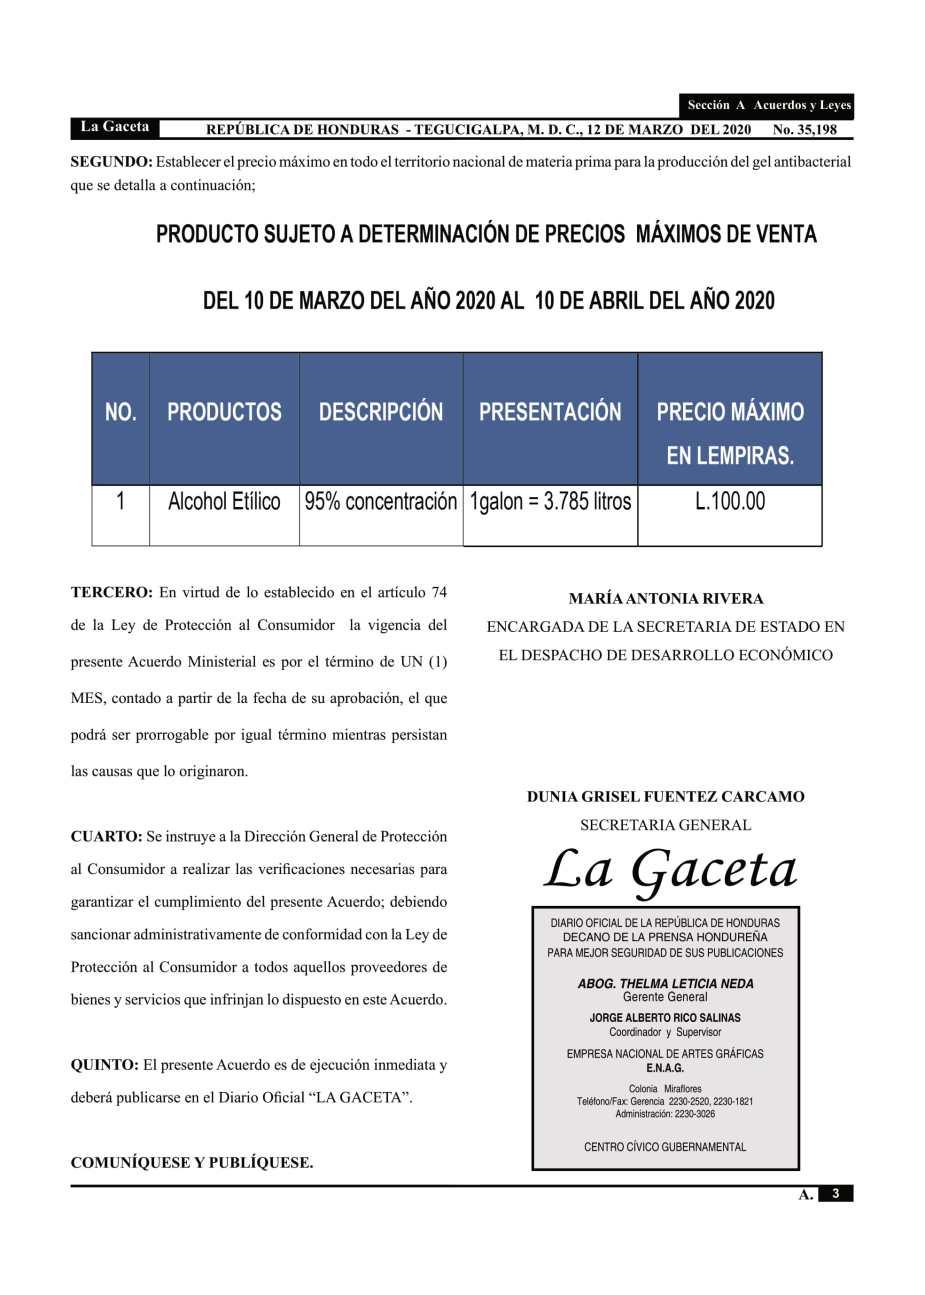 12 DE MARZO 2020, 35,198 2-3